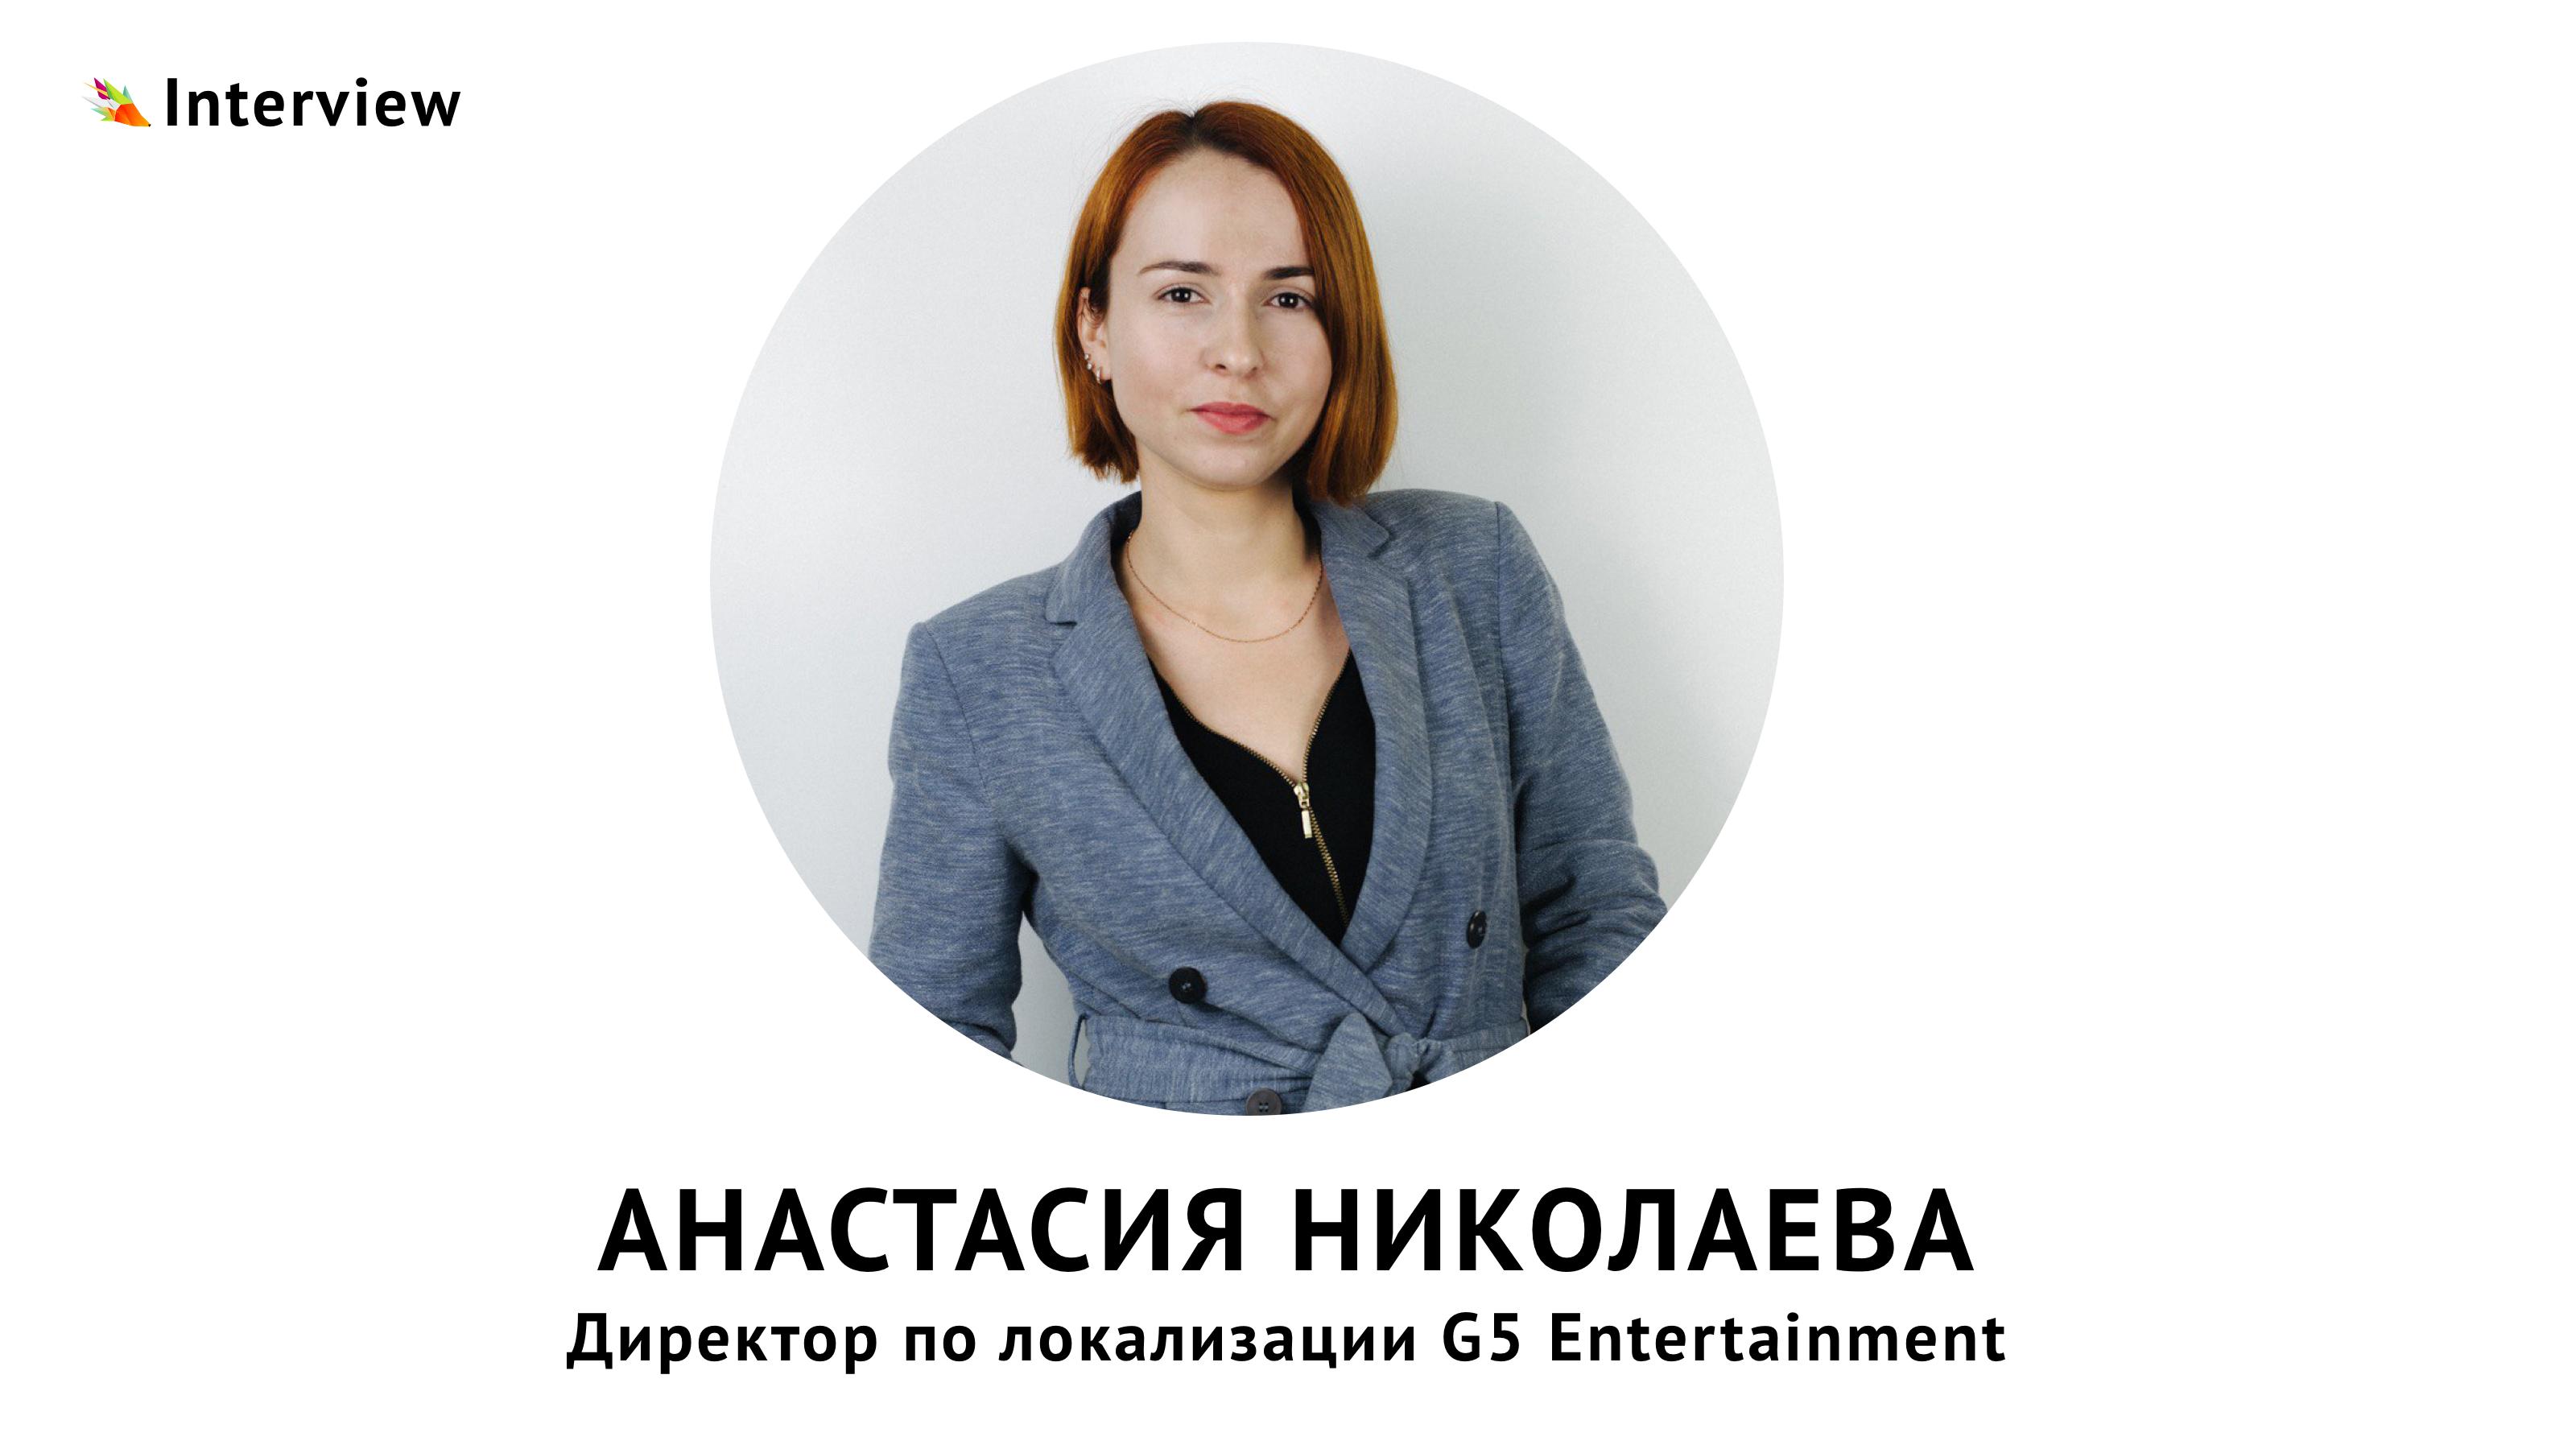 интервью Н Николаева